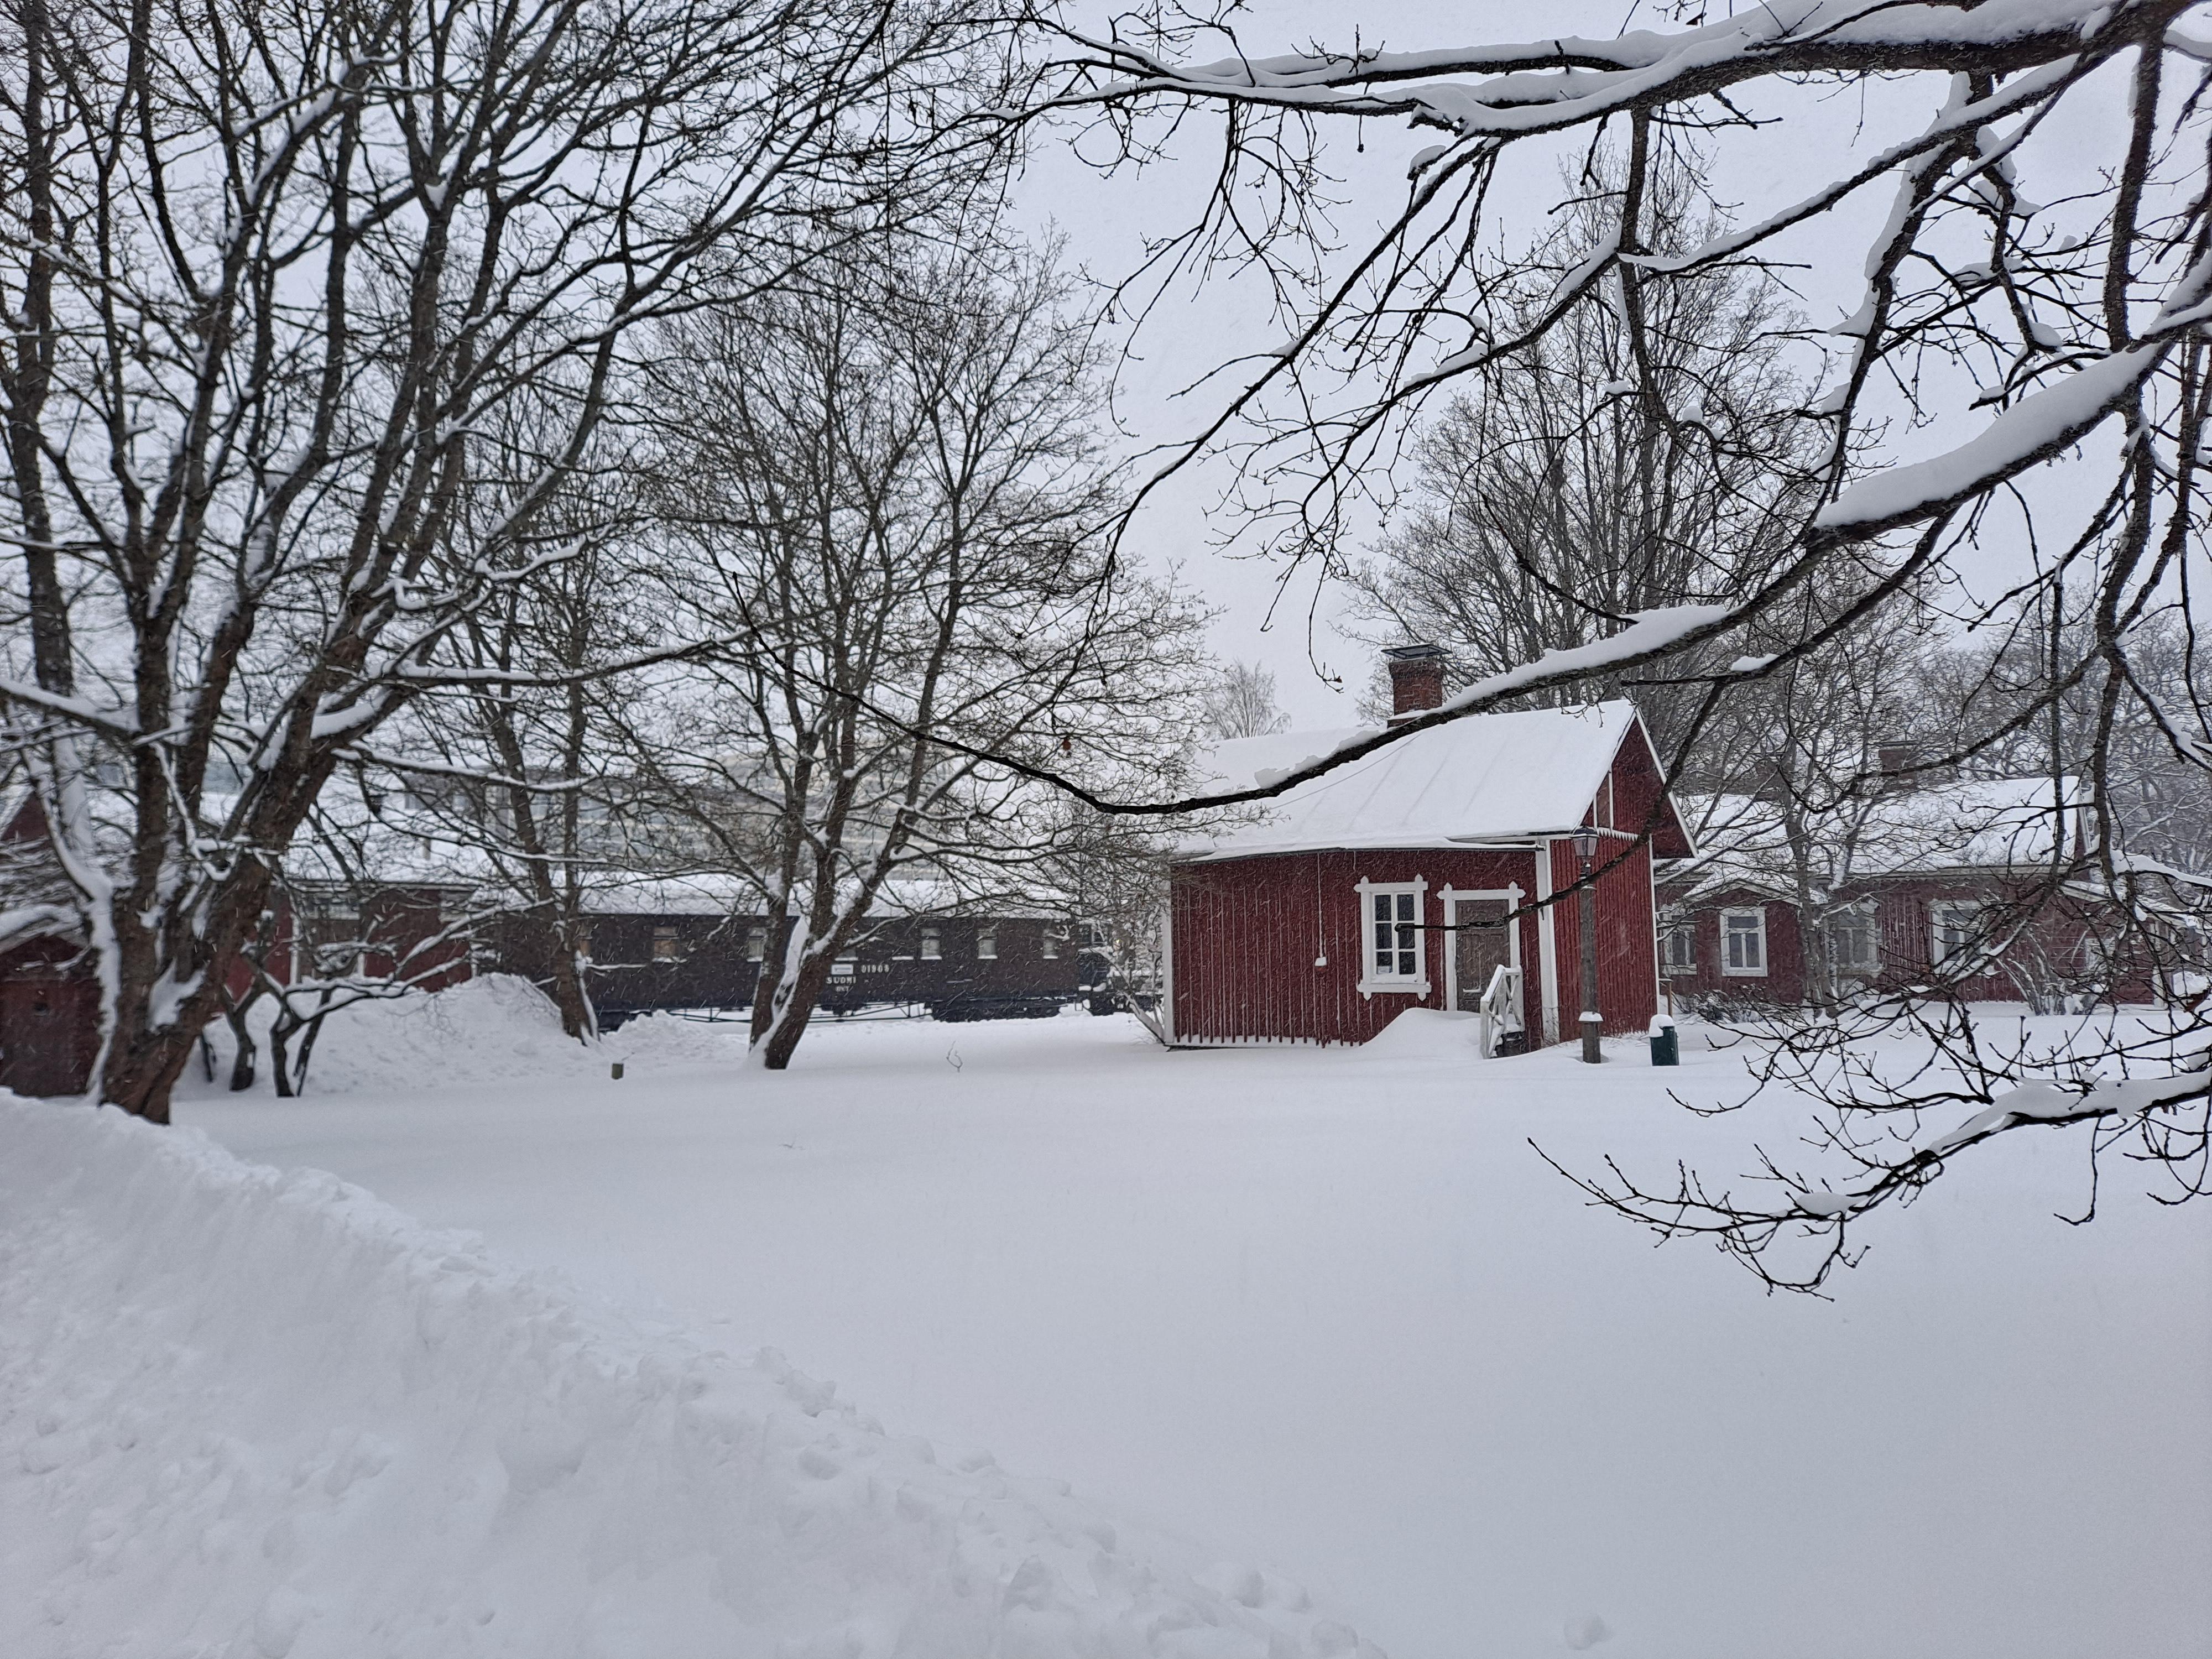 Rautatiemuseon puistossa oleva rautatieläisten pakaritupa ja asuinrakennus keskellä lumista talvimaisemaa.